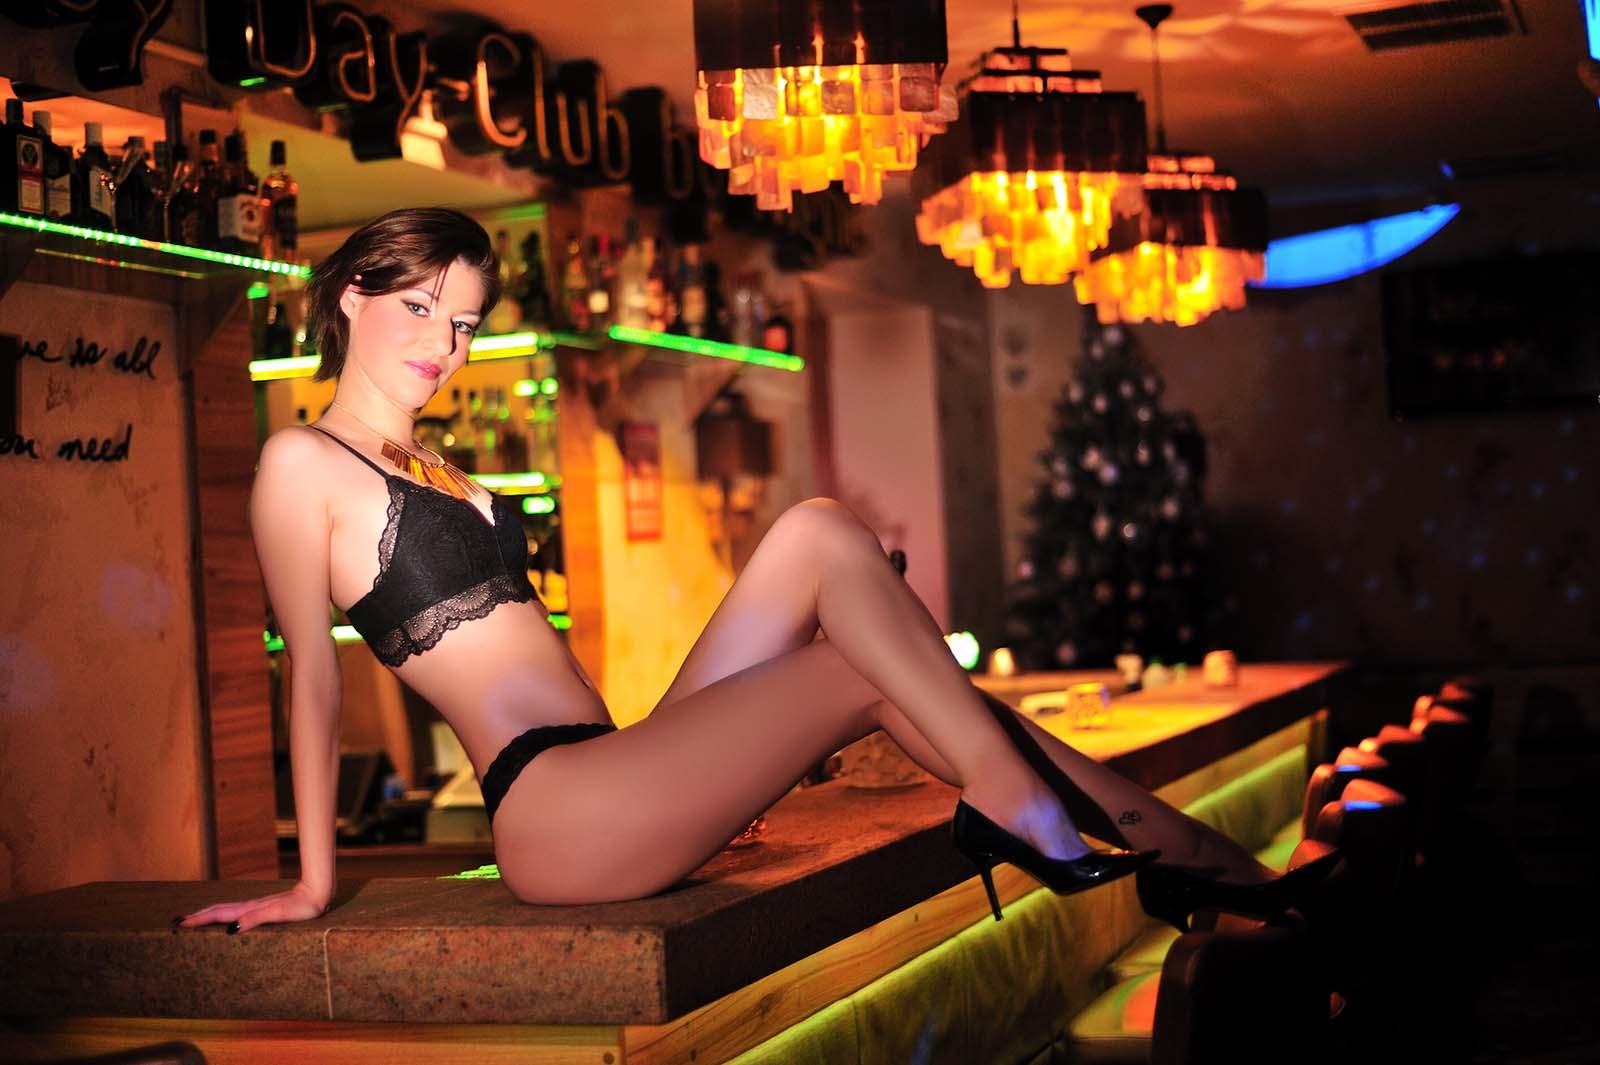 Marilyn Night Club sztriptízbár Éva